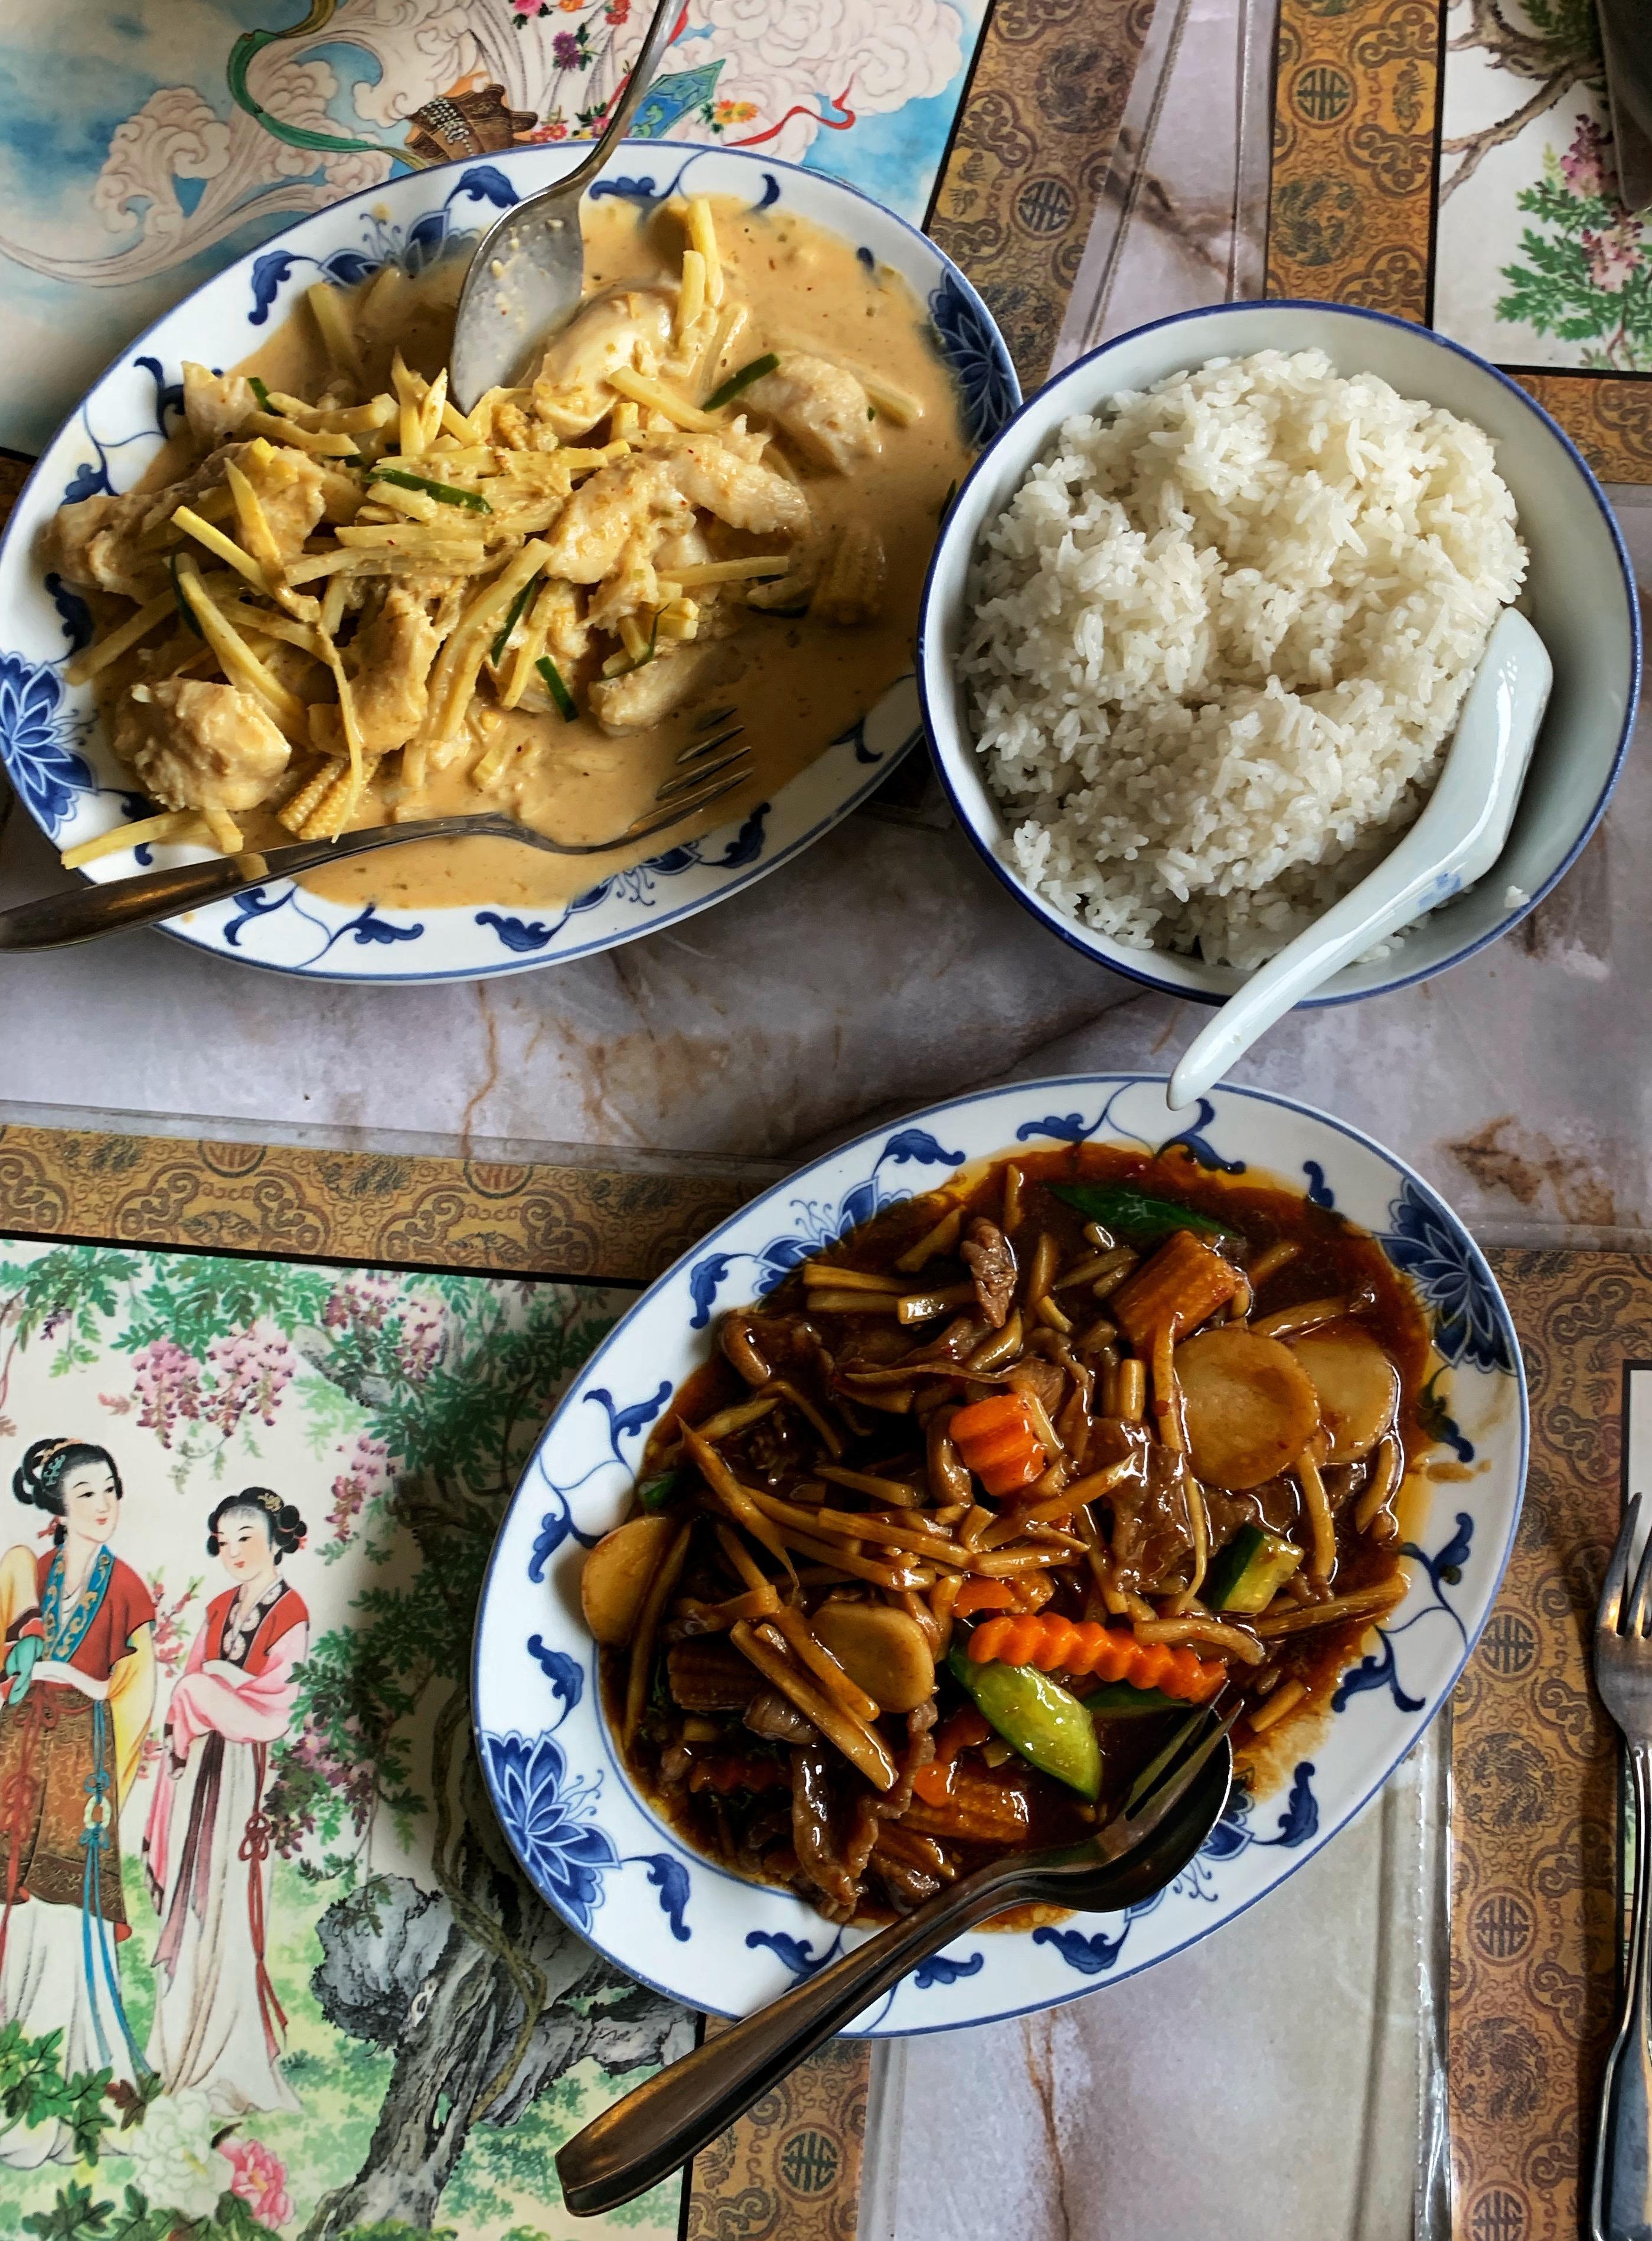 Mycket mat men lite ris.